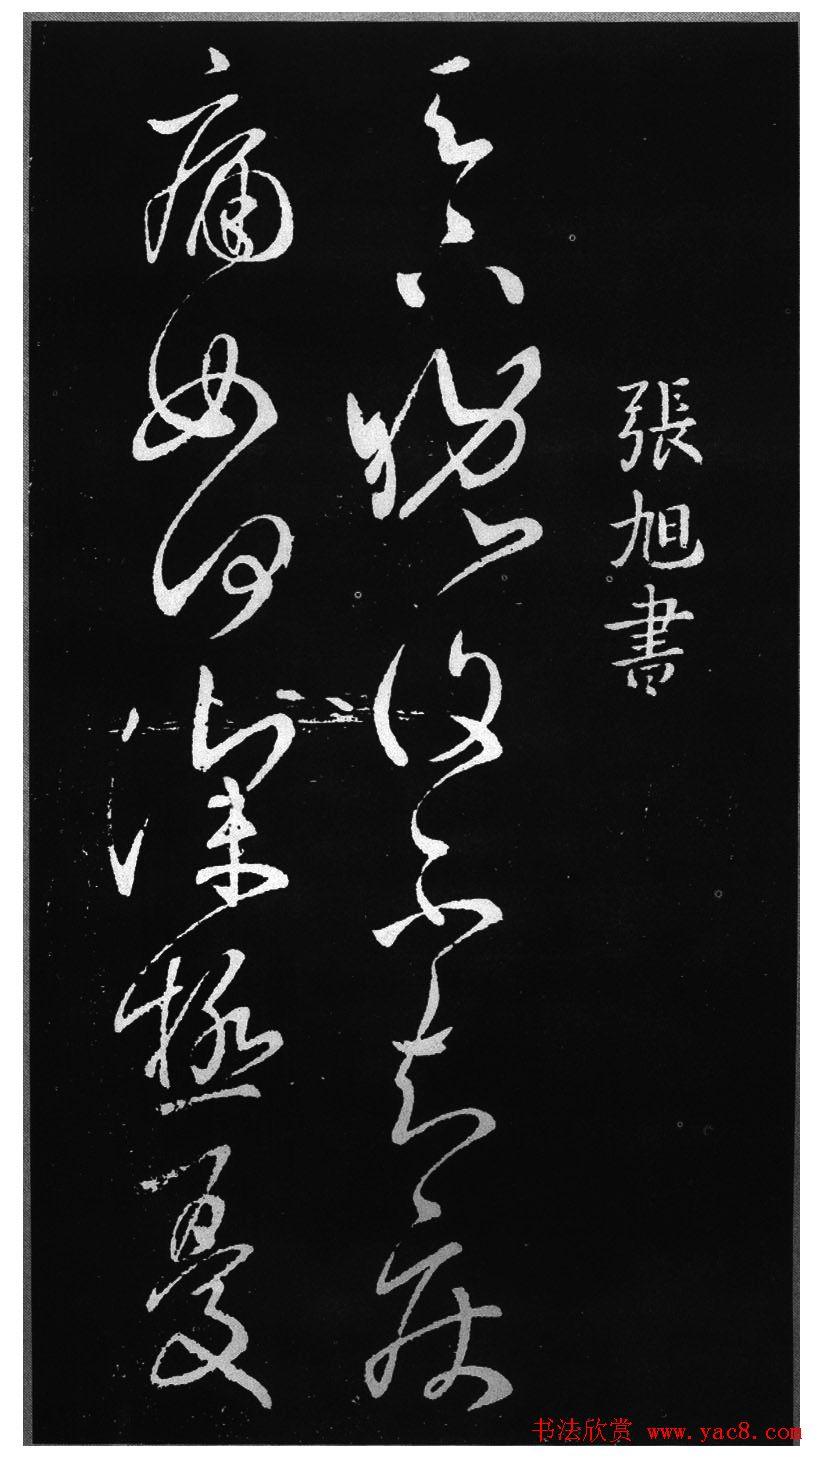 张旭草书作品欣赏《疾痛贴》